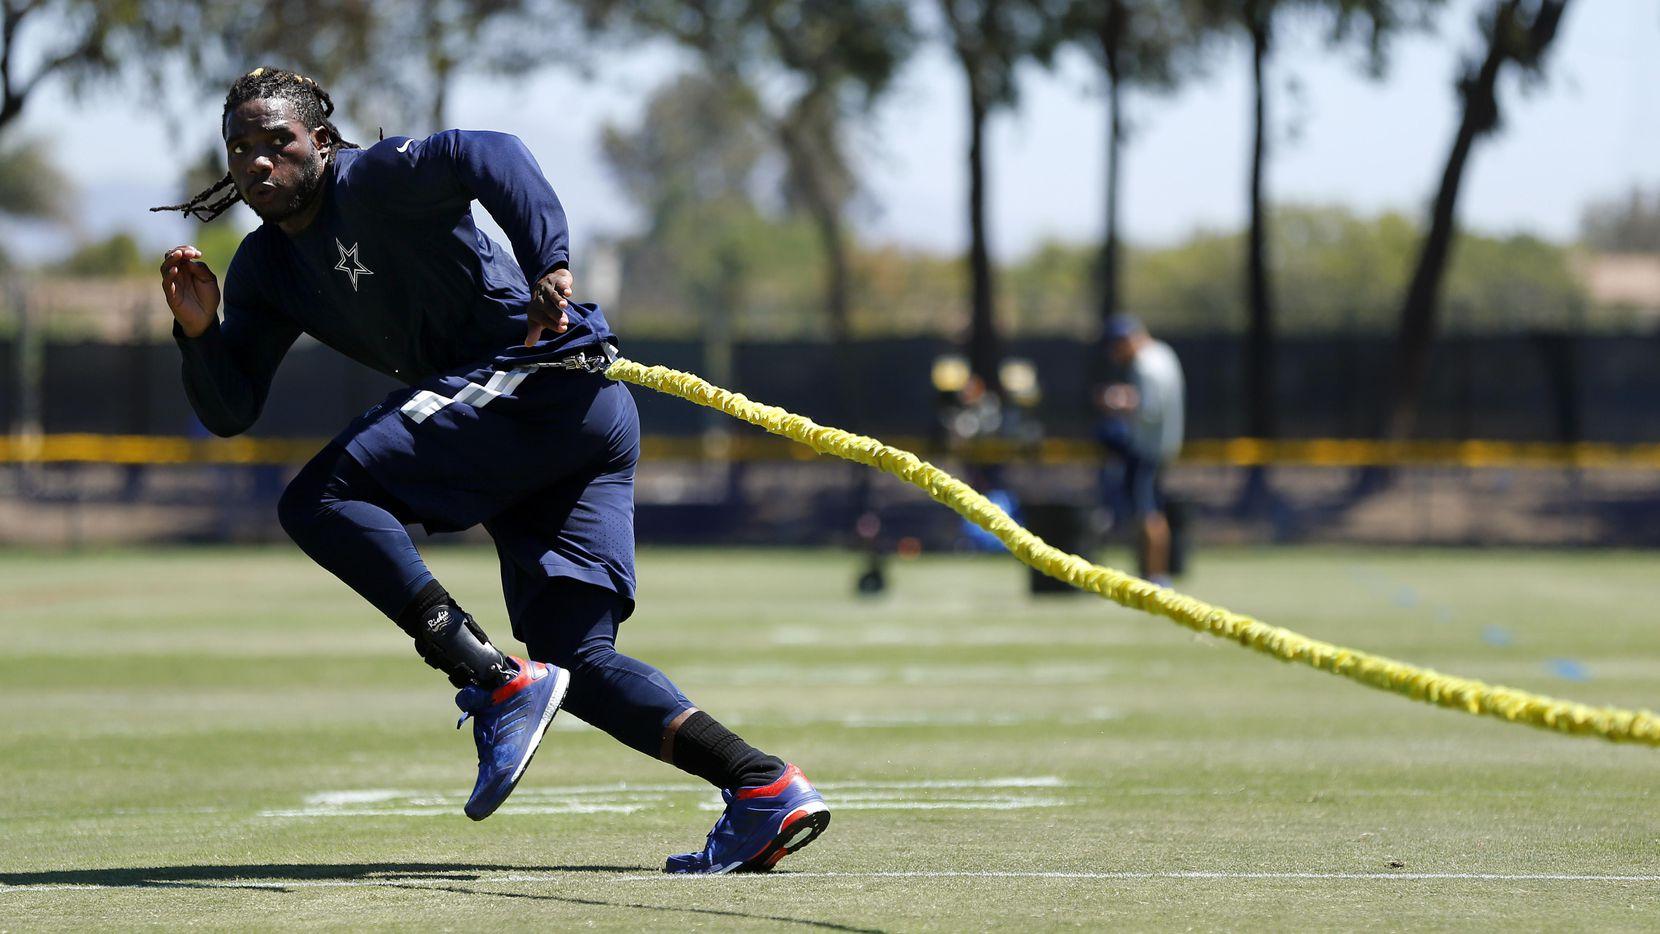 El liniero de los Cowboys de Dallas Jaylon Smith realiza trabajo de acondicionamiento de fuerza en sus piernas como parte de la rehabilitación de su cirugía en la rodilla. (DMN/TOM FOX)